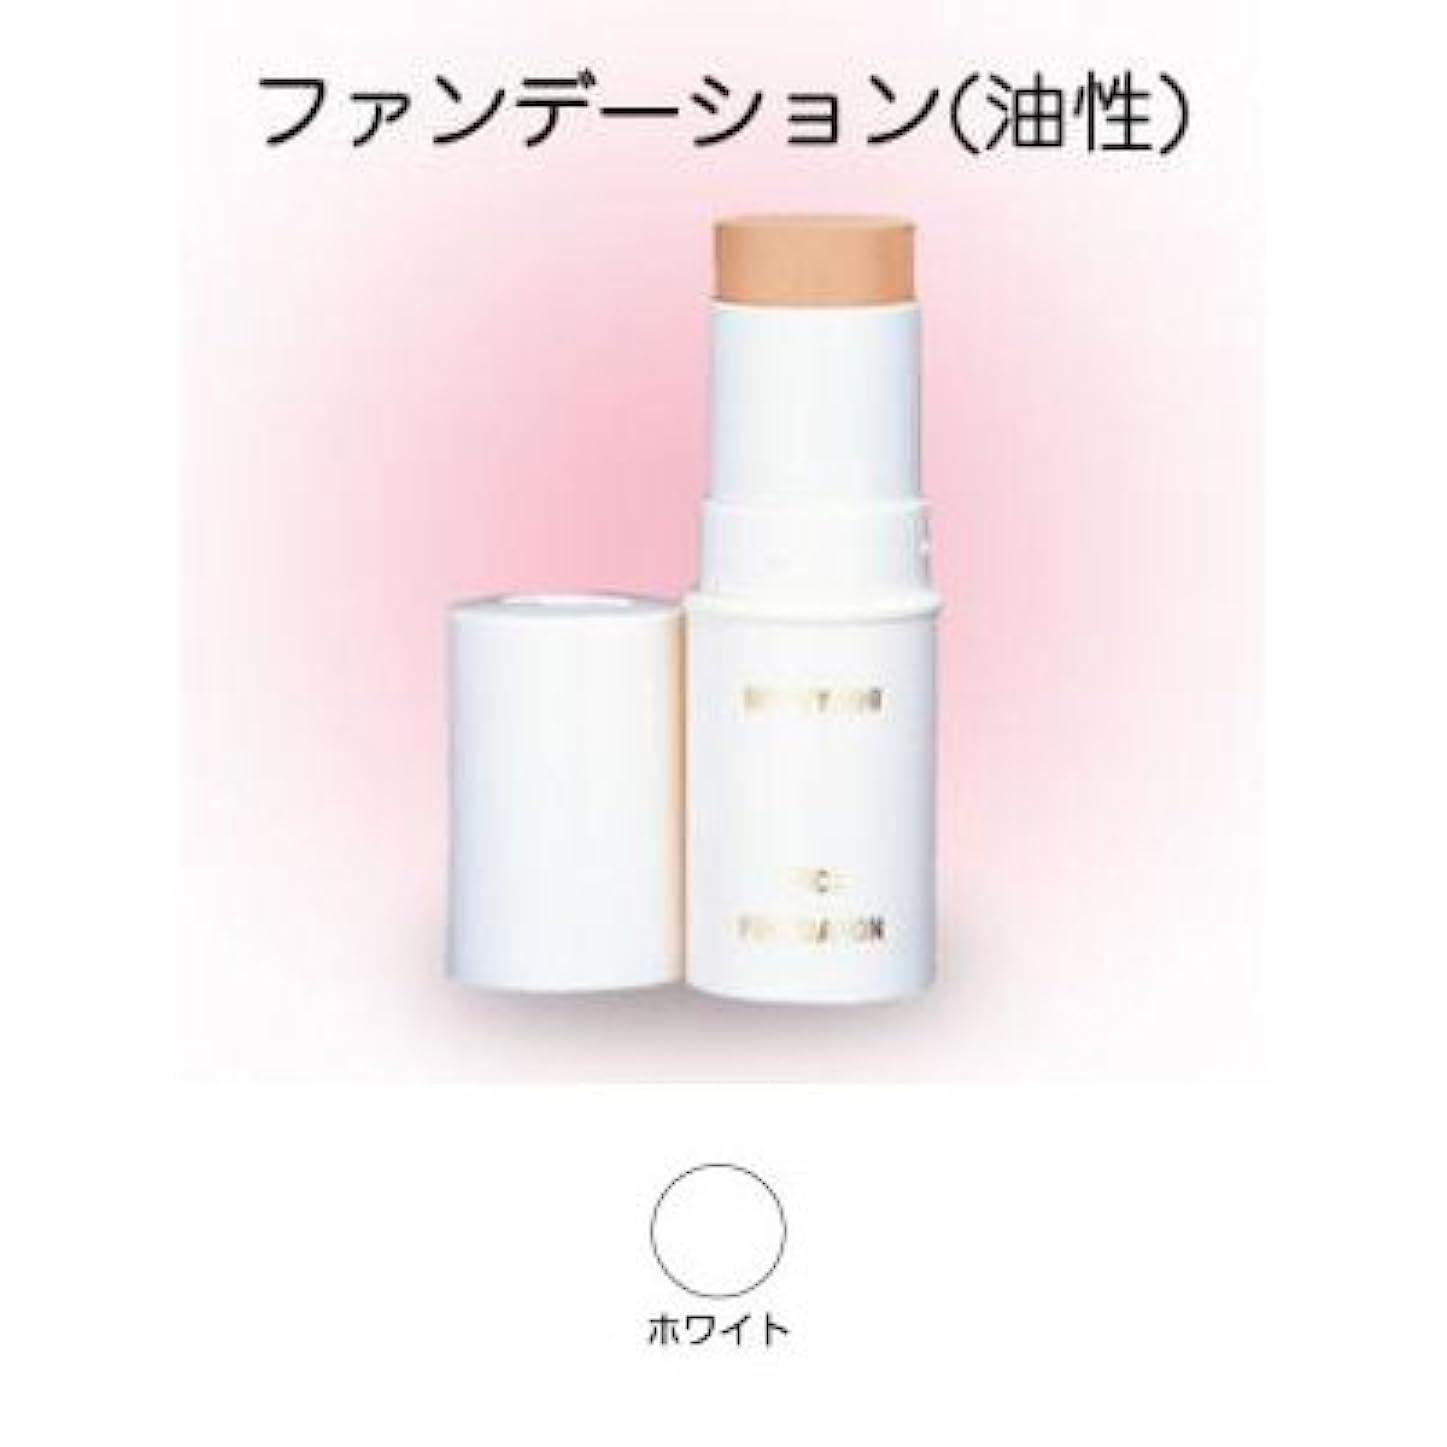 縁レインコートのぞき穴スティックファンデーション 16g ホワイト 【三善】